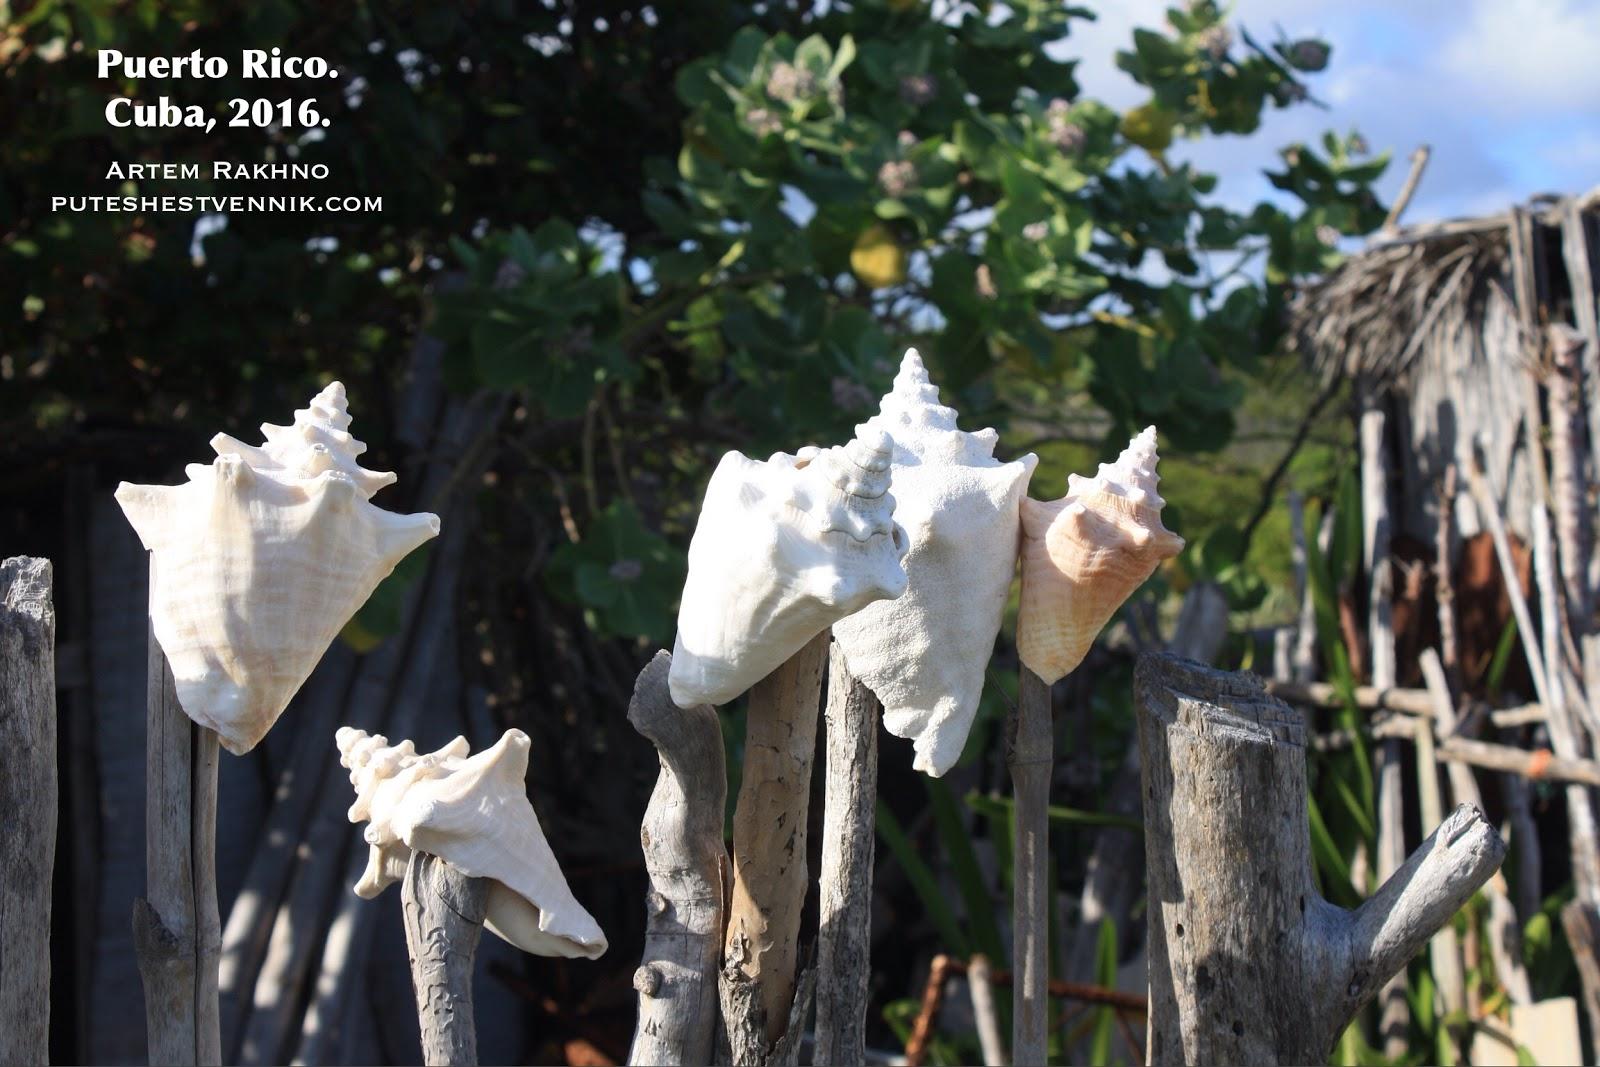 Морские раковины на ограде в кубинской деревне